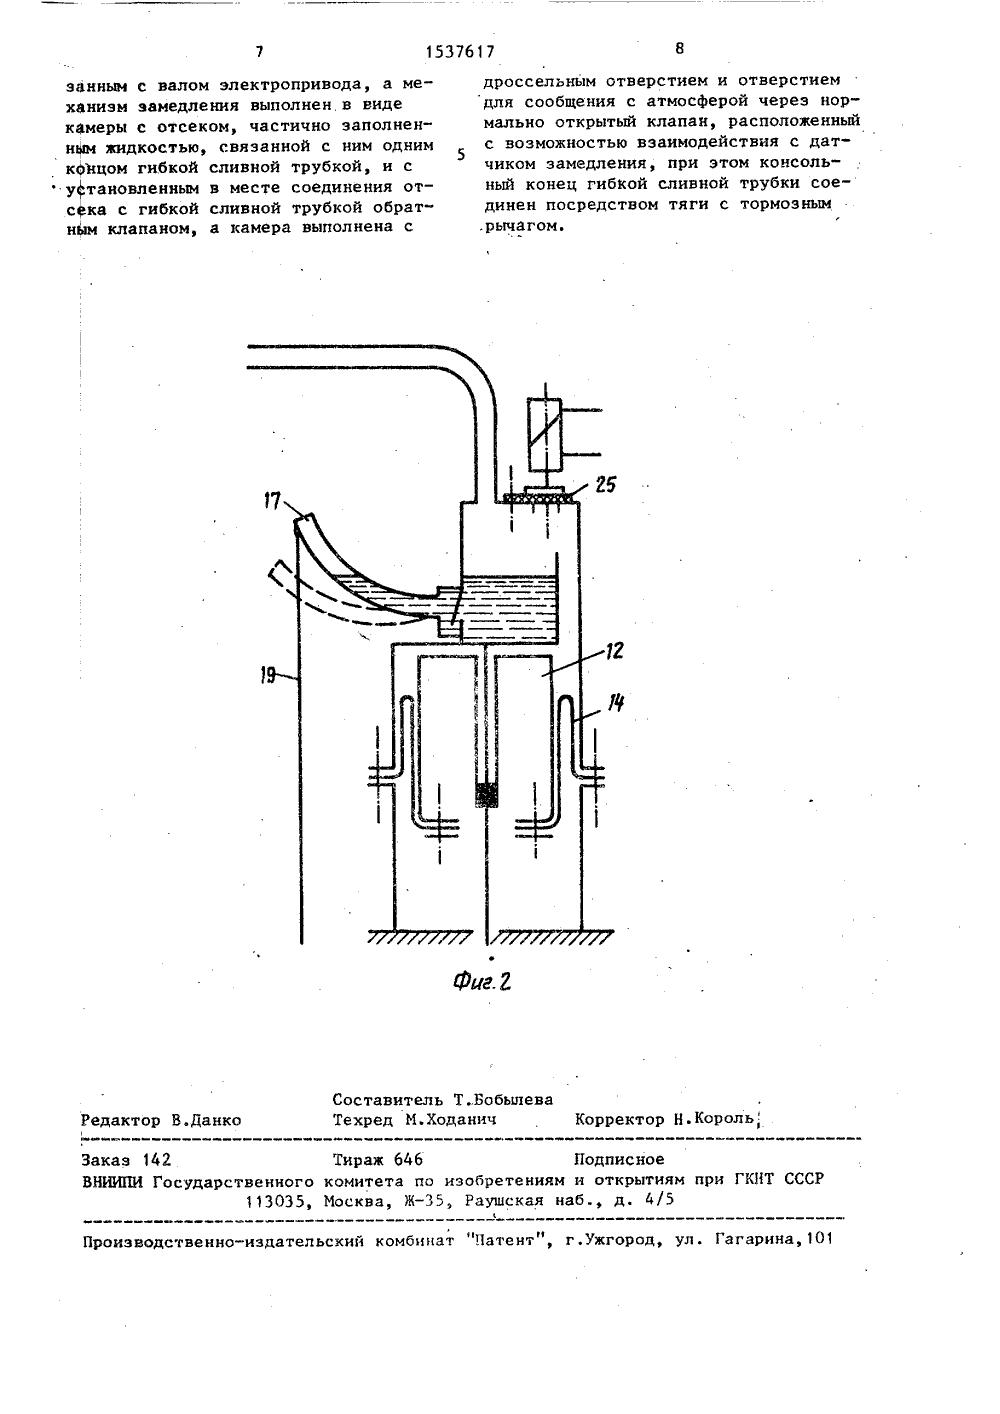 Тормозные системы конвейеров конвейер сборки мостов